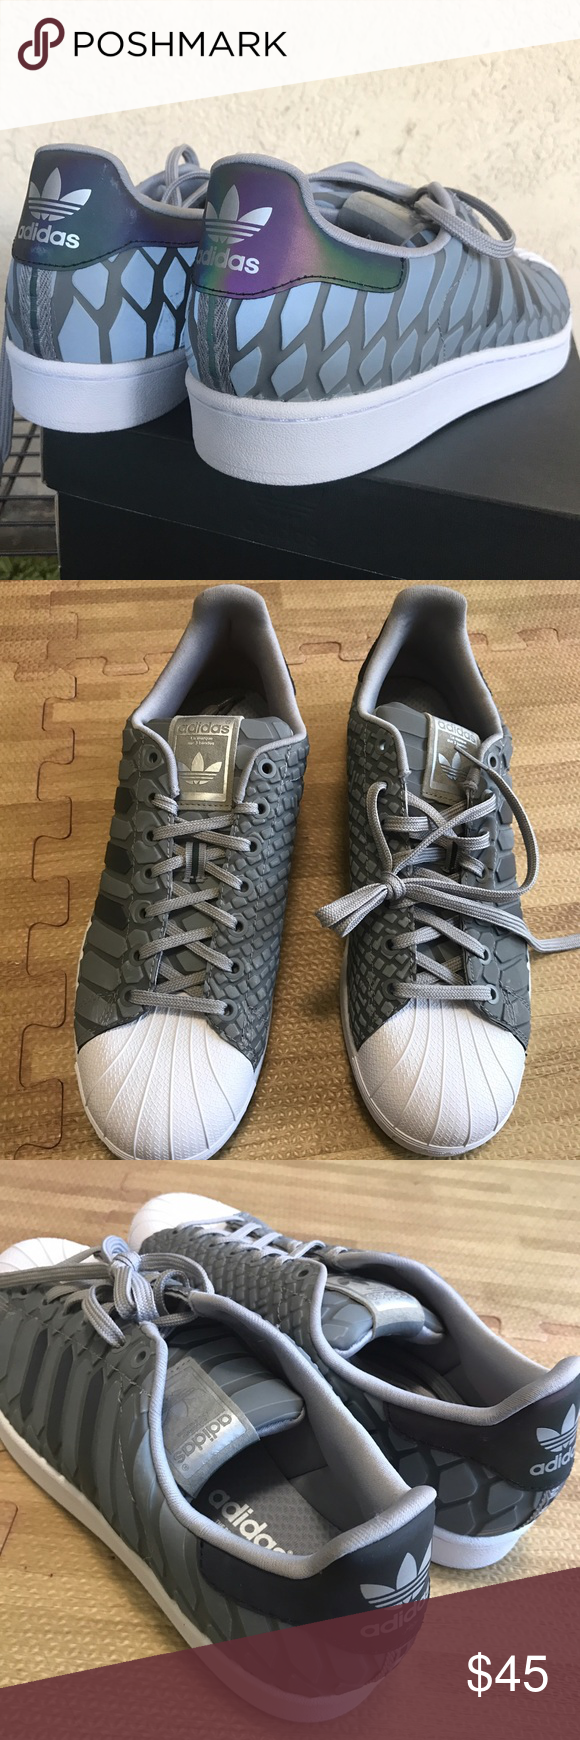 adidas superstar xeno 3m riflettente sz 11 nuovi xeno riflettente sz 11